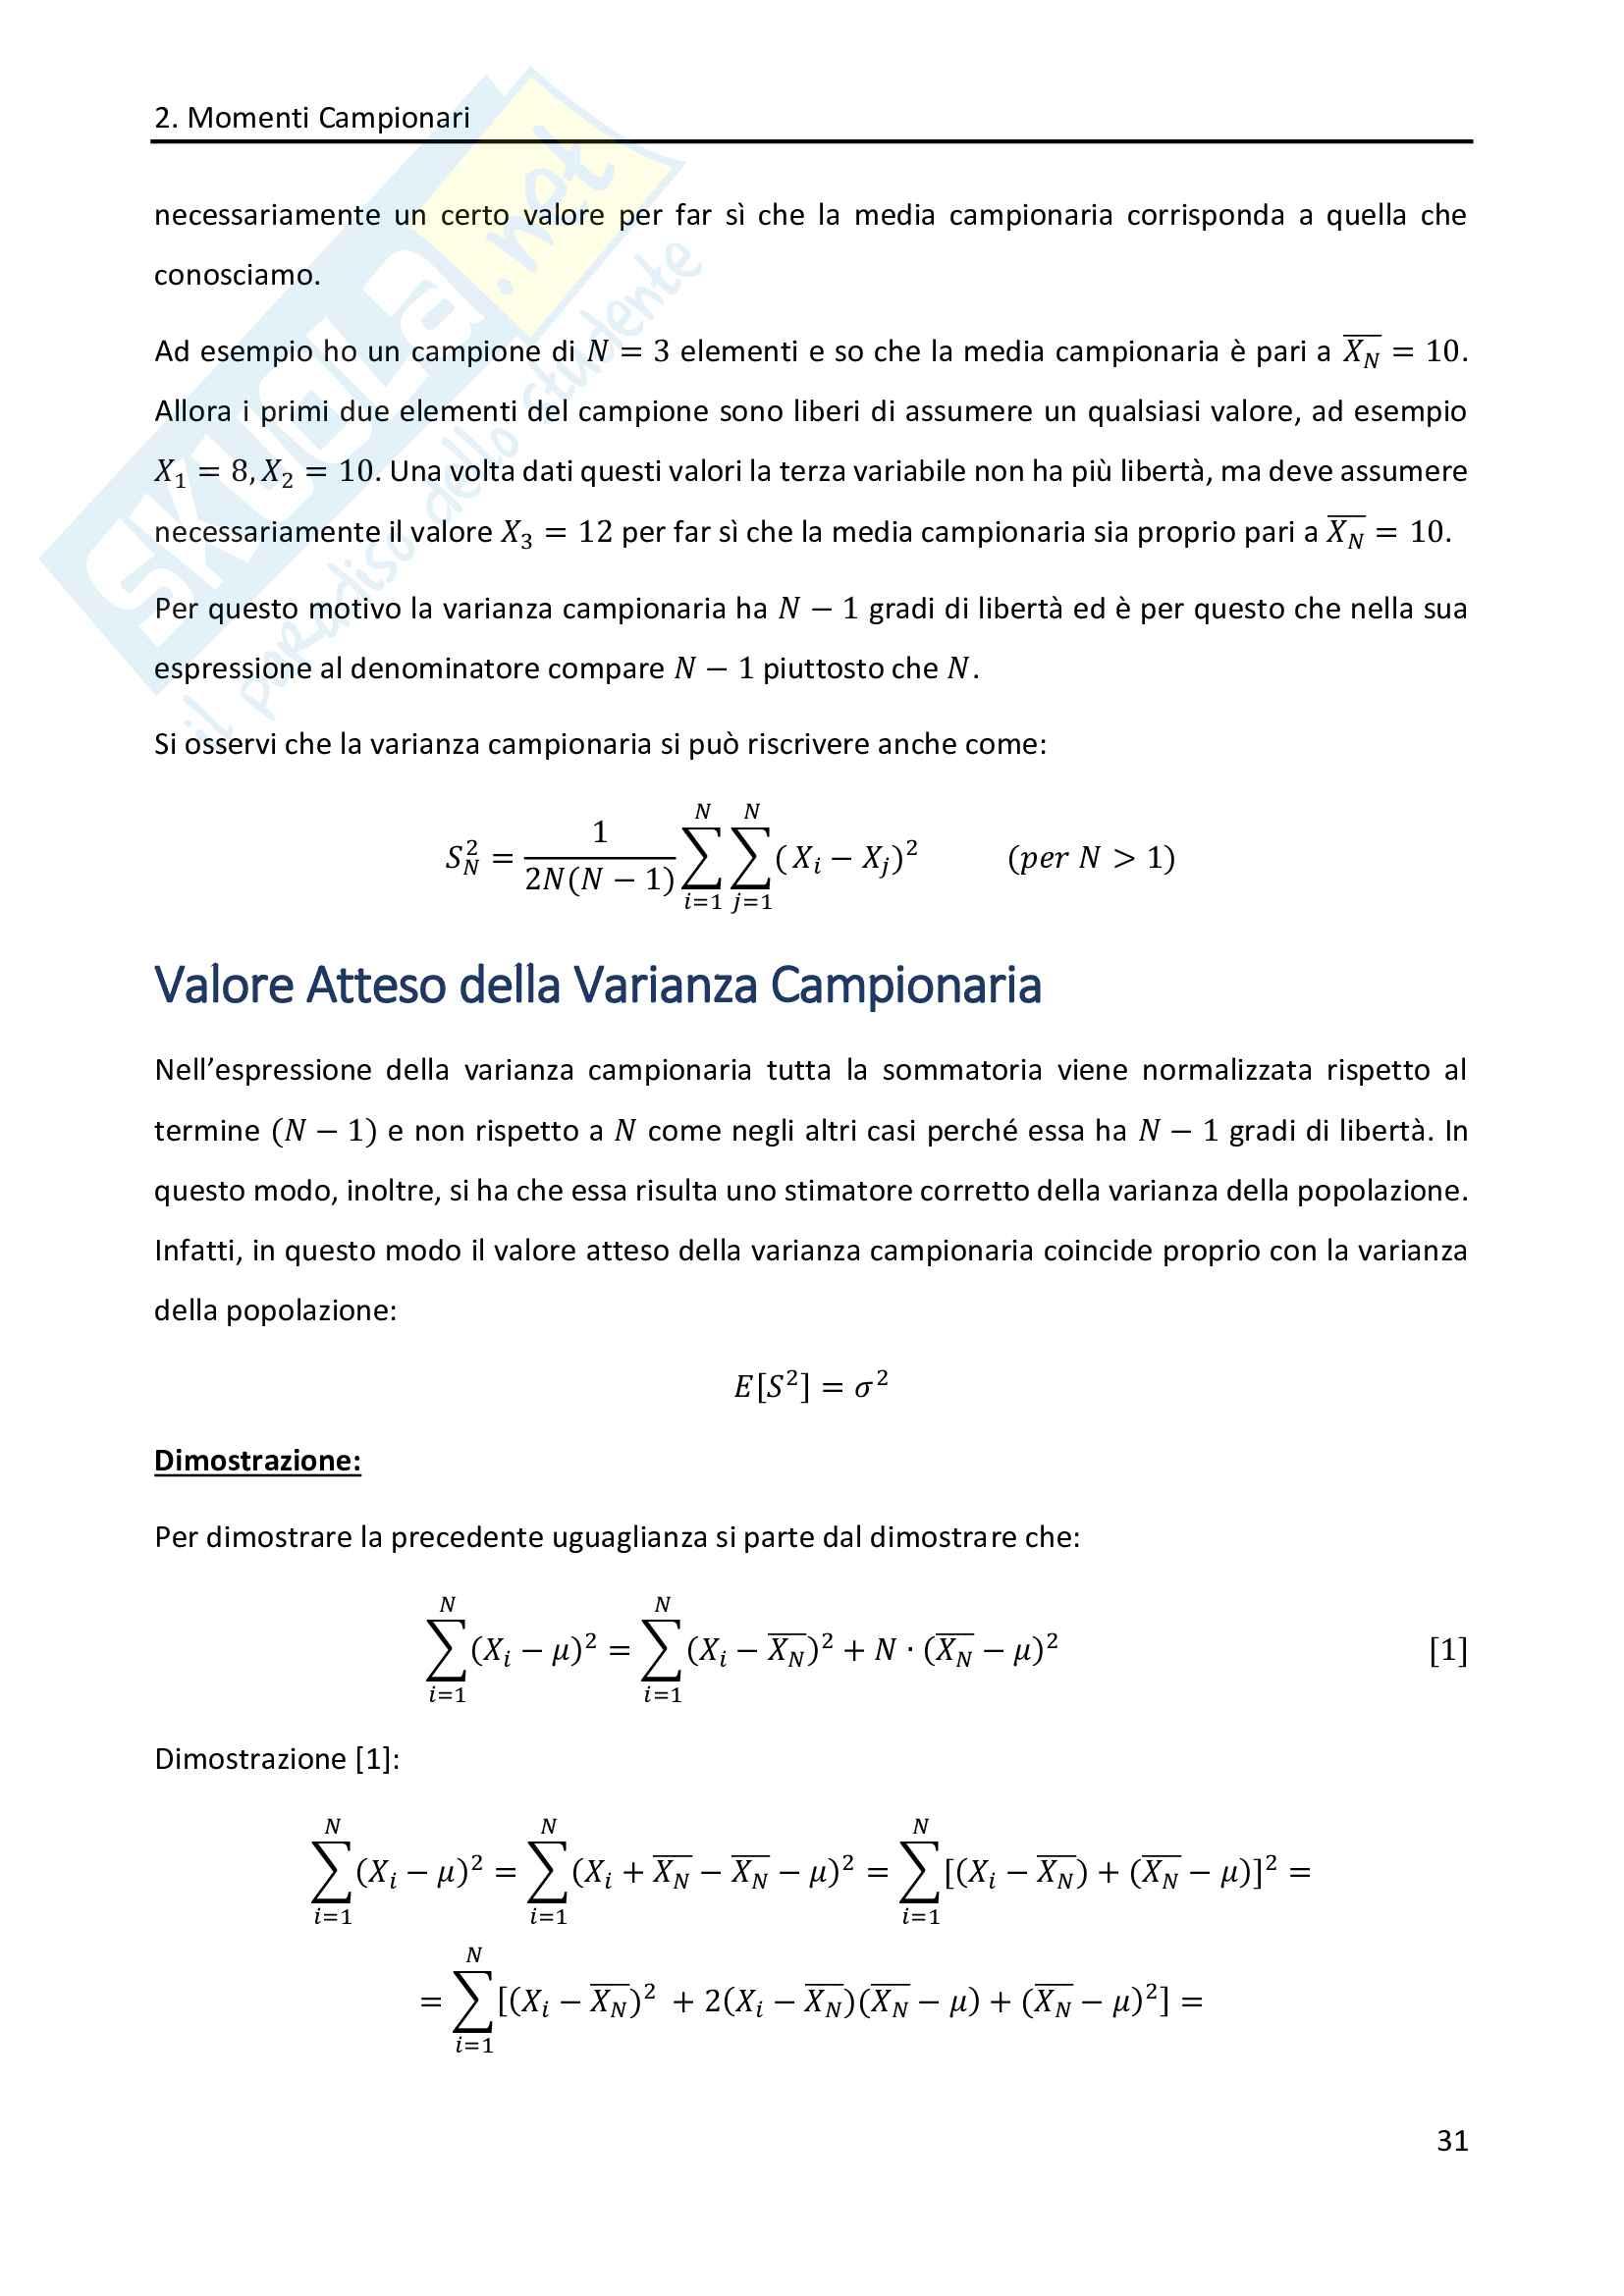 Management e Automazione dei Sistemi Sanitari (Mass) - Prof. Mario Cesarelli Pag. 31